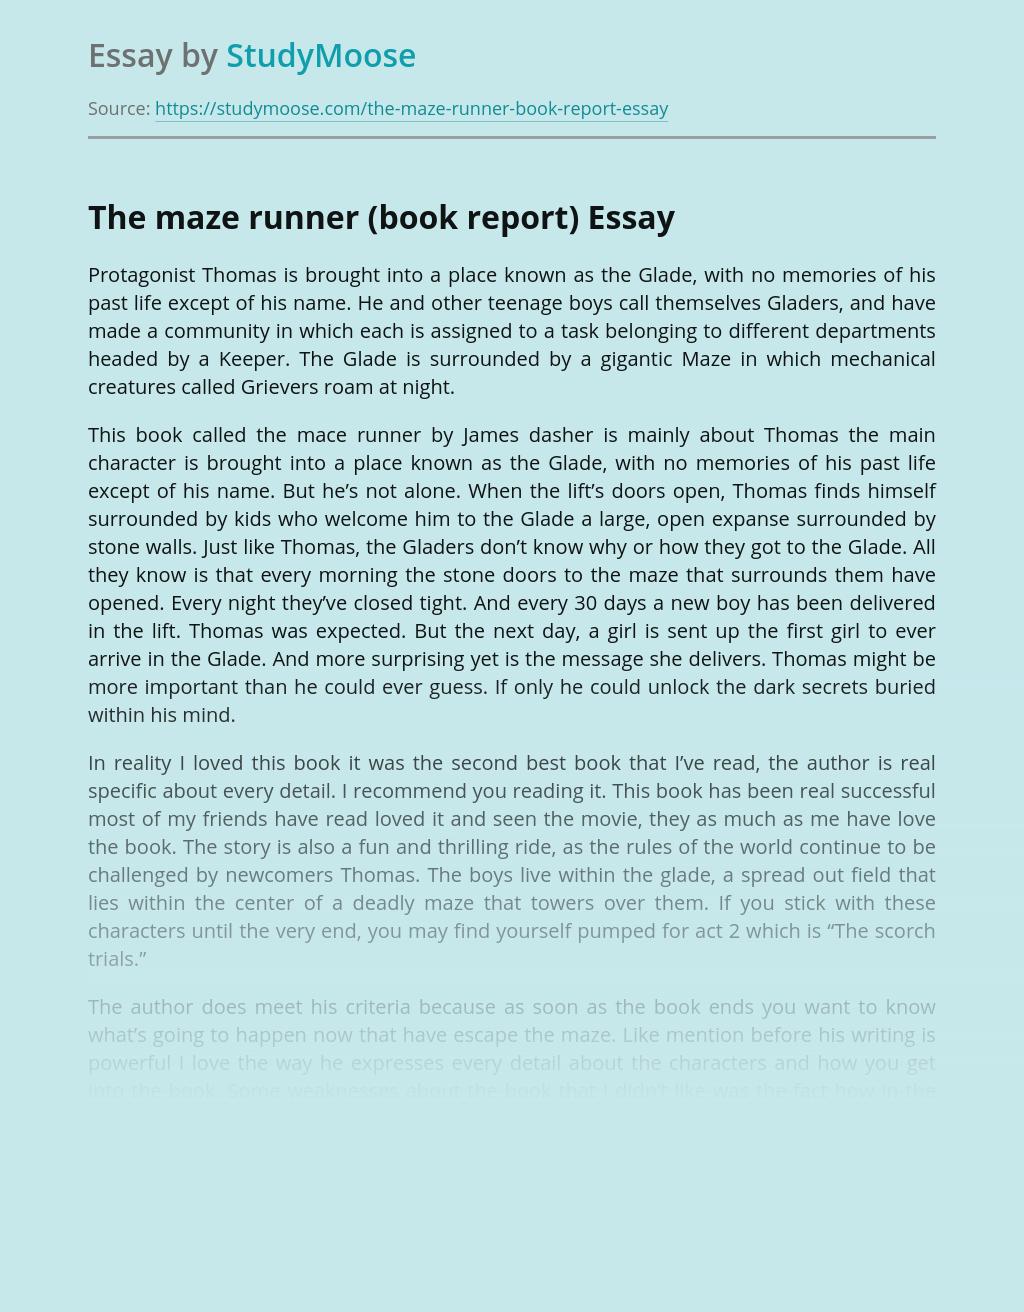 The maze runner (book report)